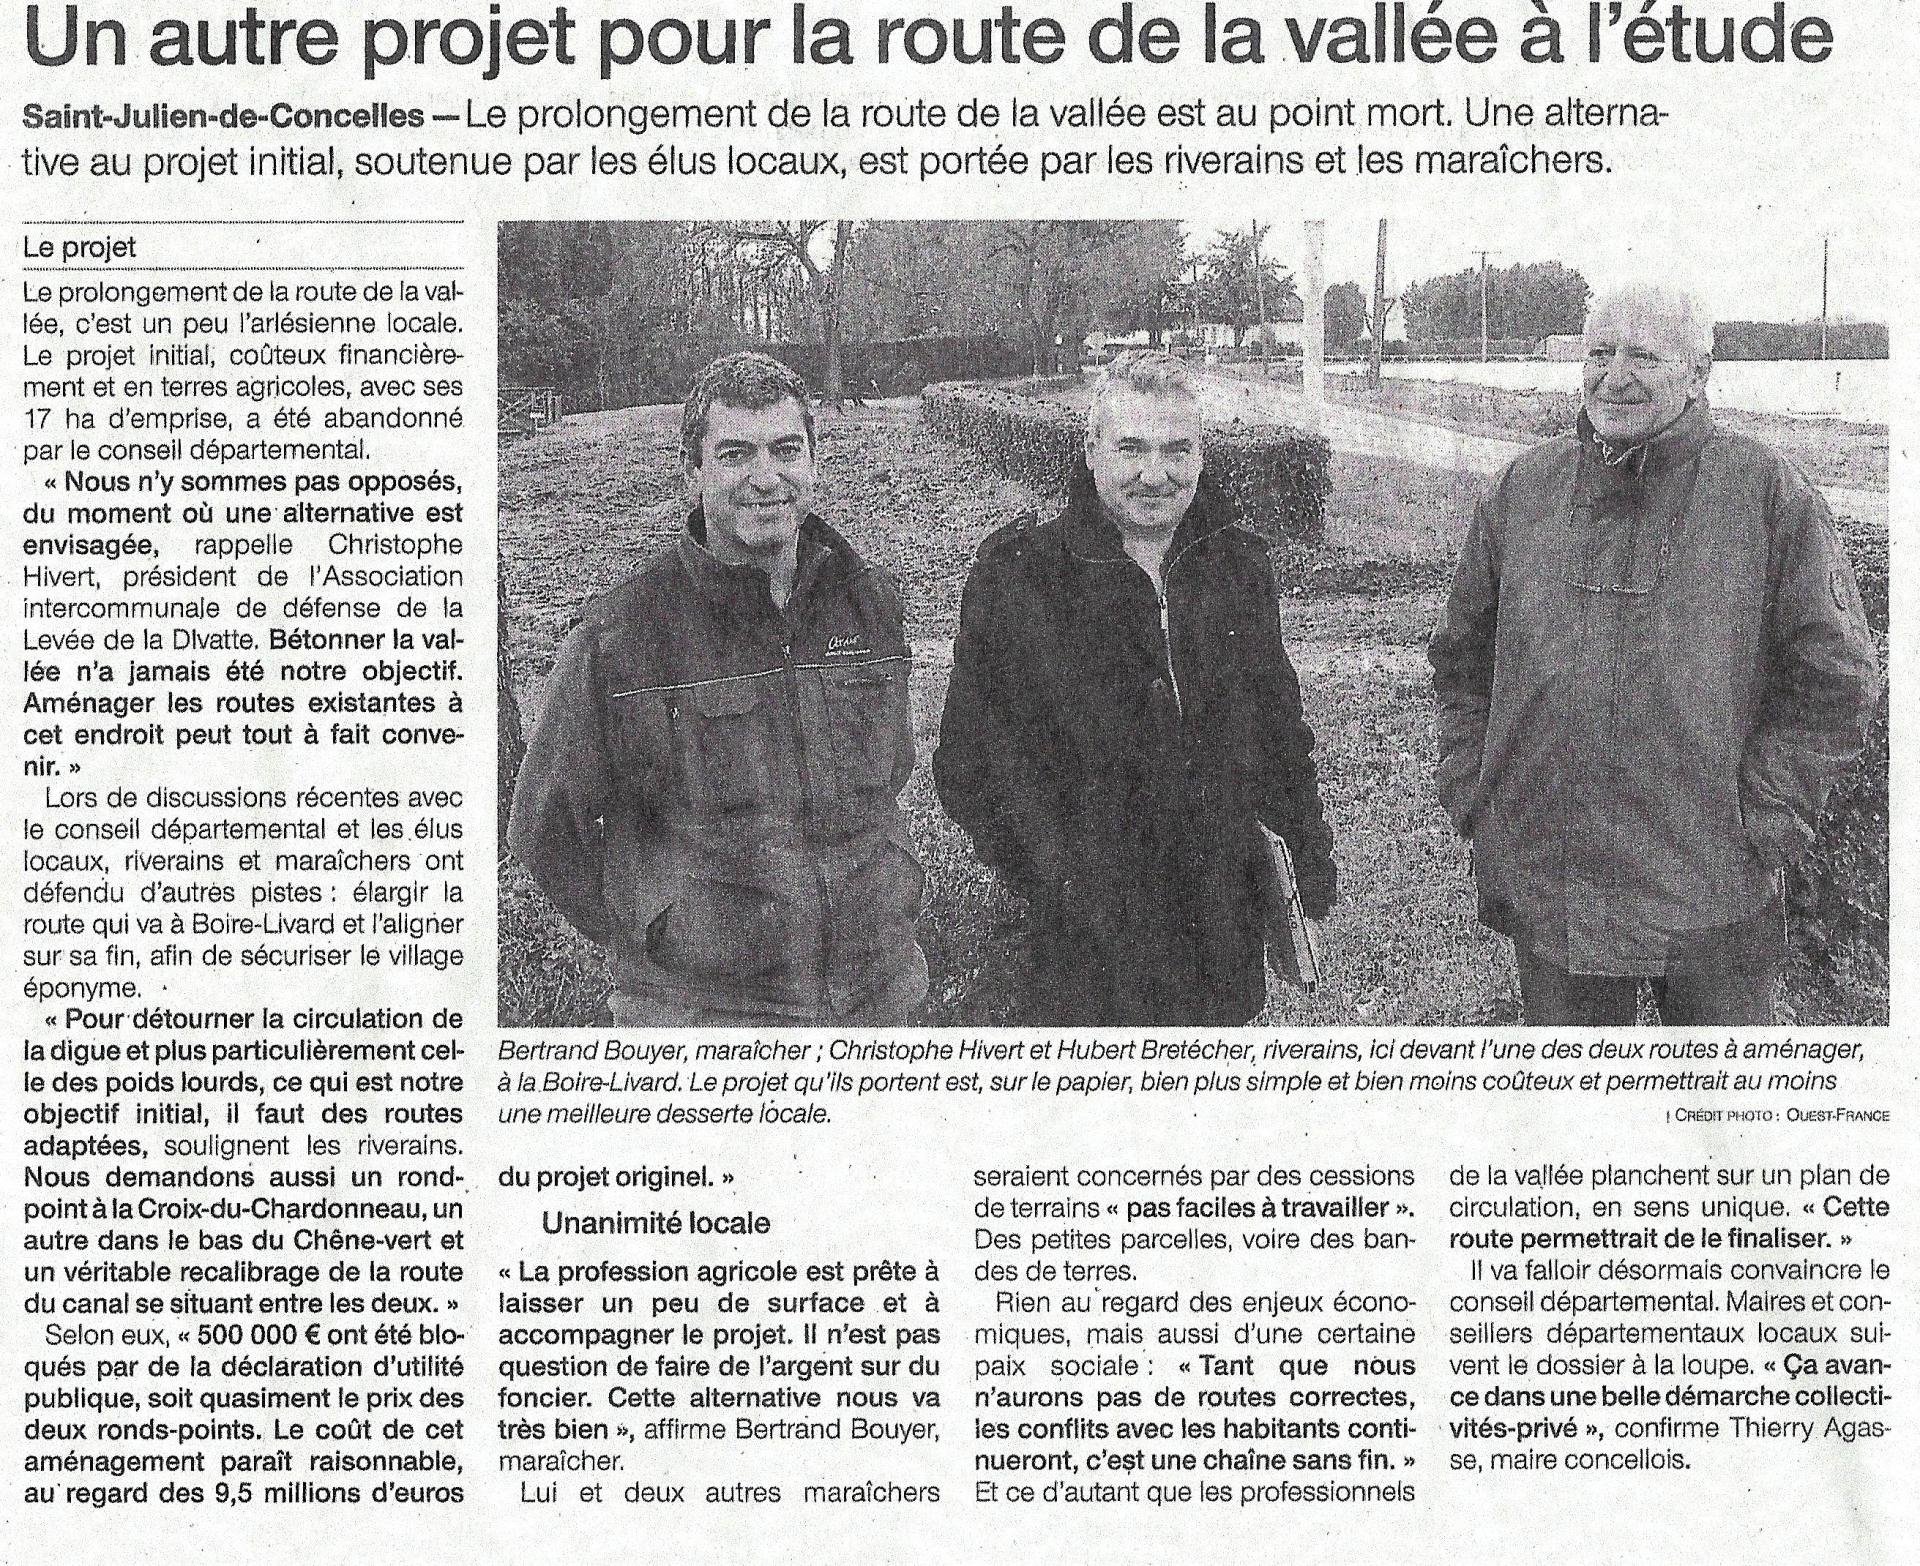 2018 12 14 un autre projet pour la route de la vallee a l etude ouest france 1